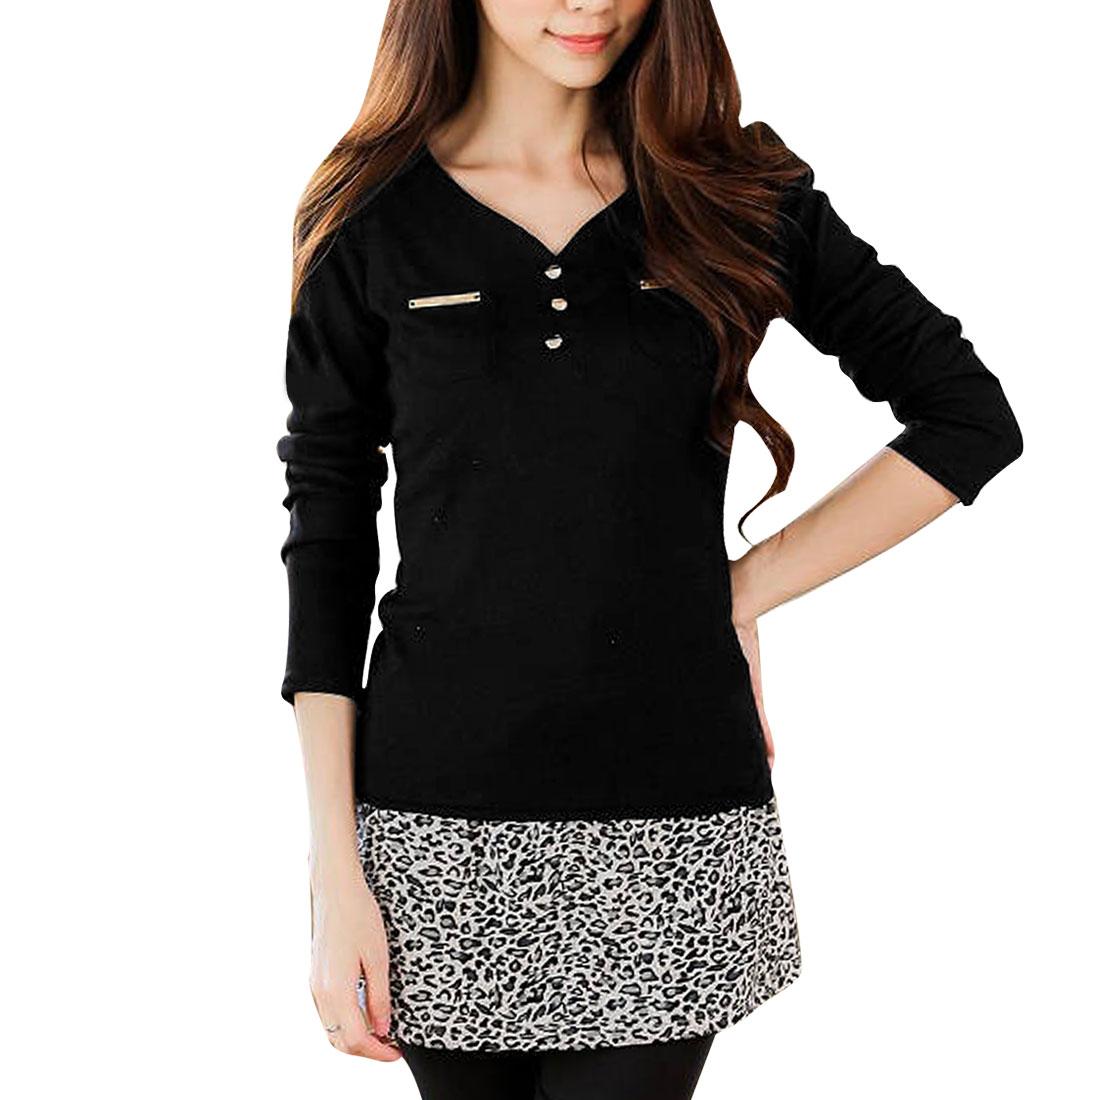 Lady V Neck Long Sleeve Stretchy Pockets Decor Black Knit Shirt XS